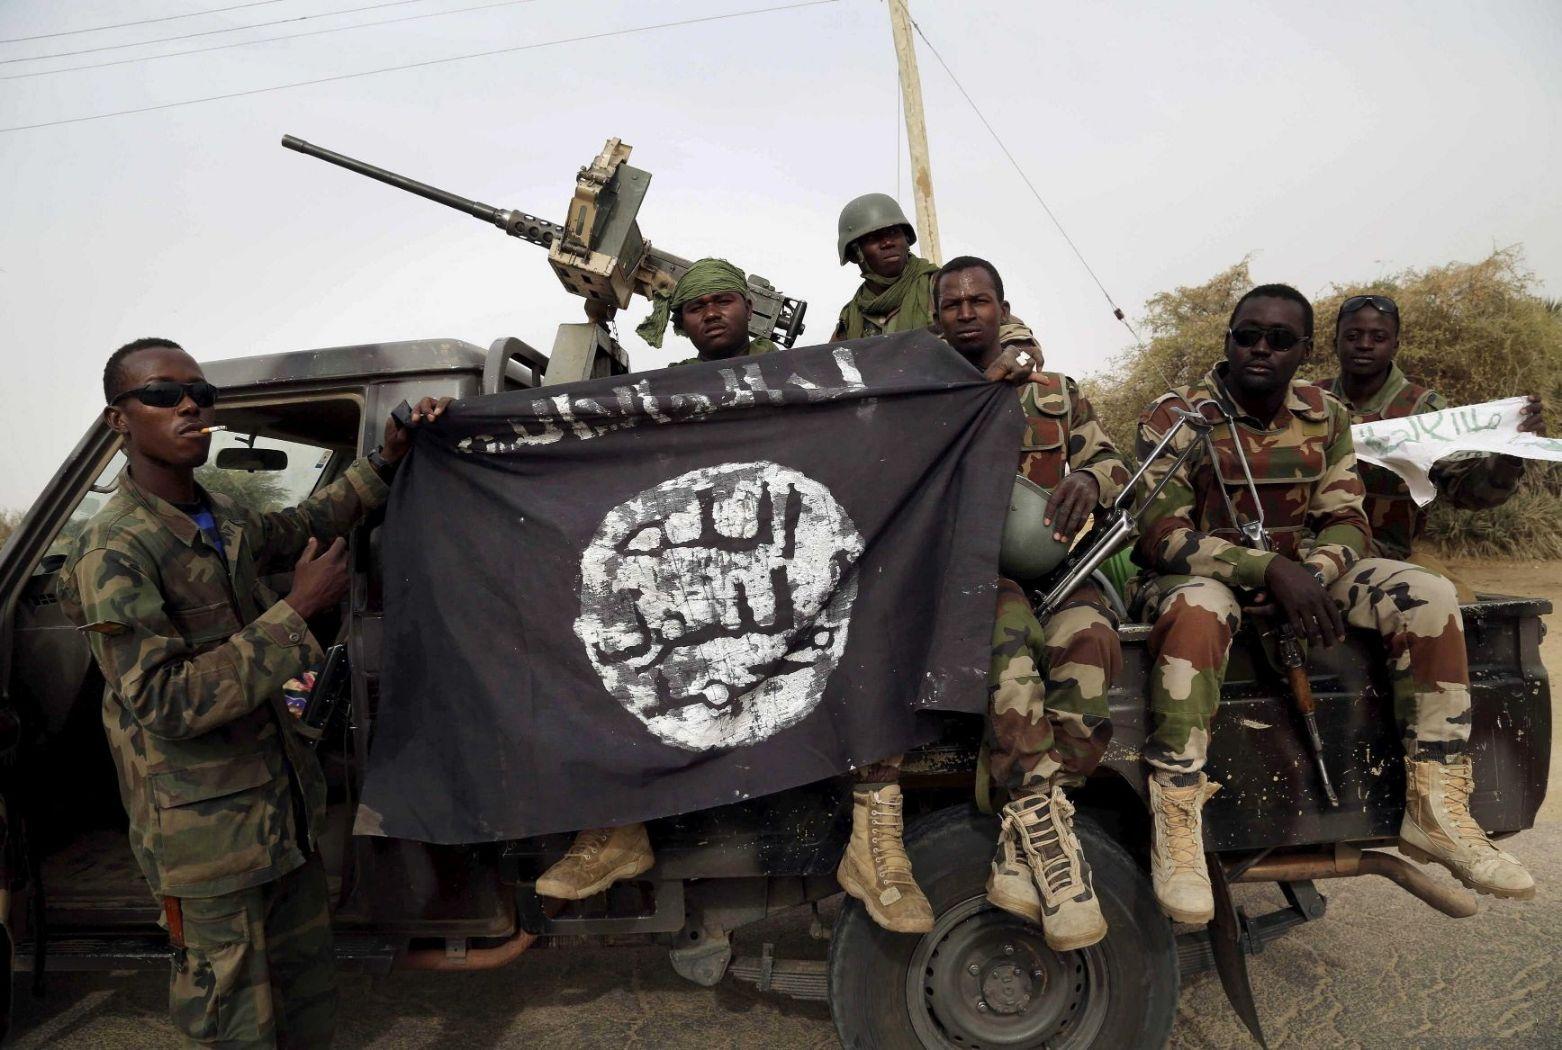 هروب  امرأة وطفل من بوكو حرام في نيجيريا